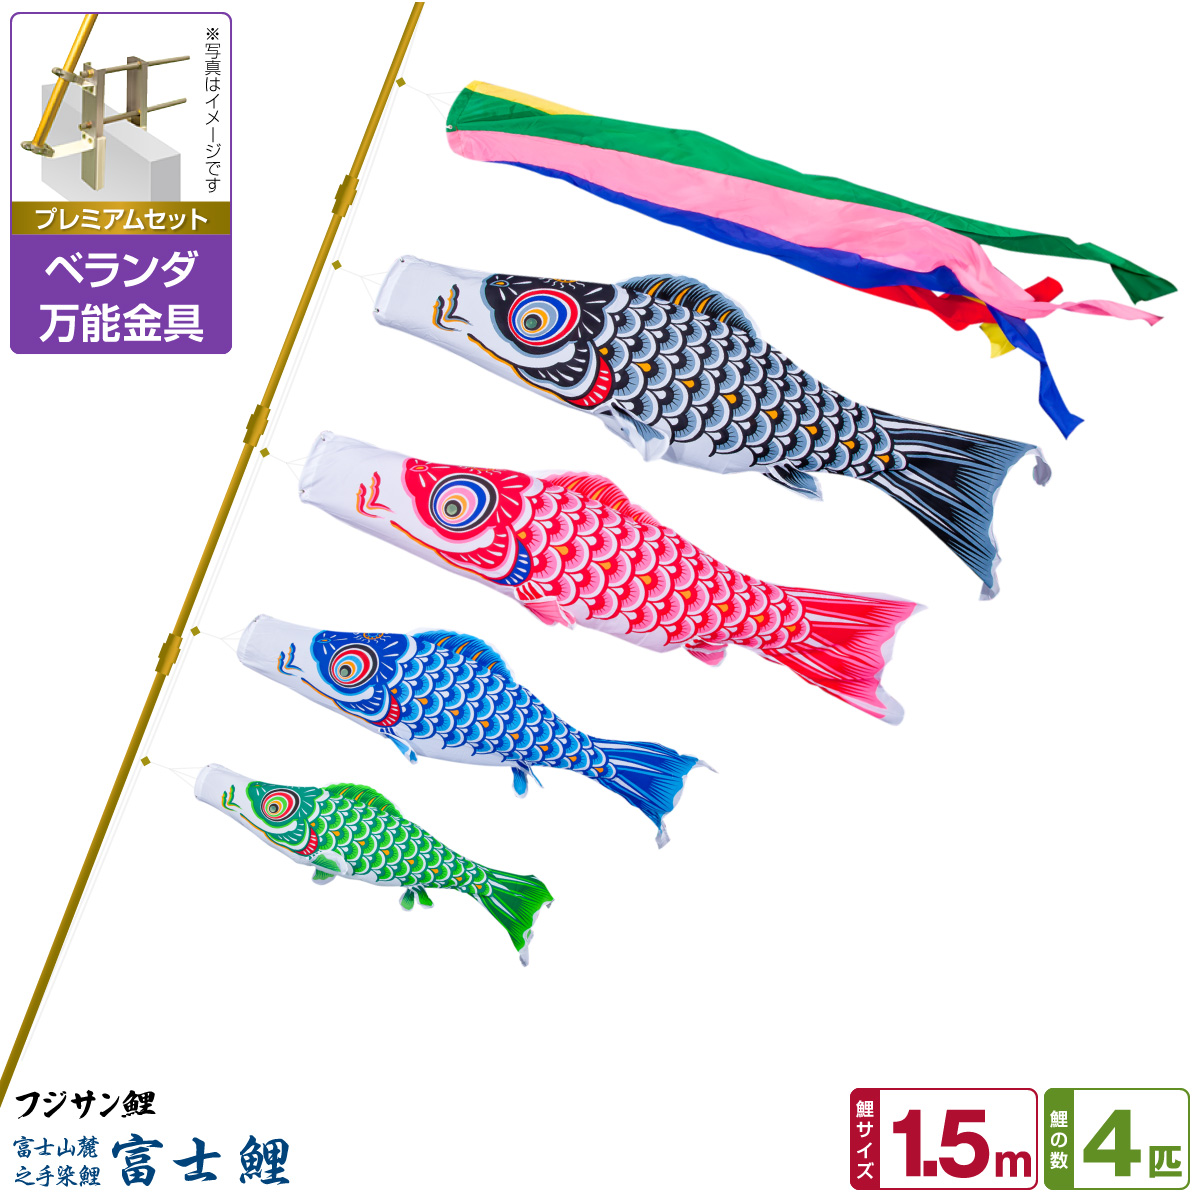 ベランダ用 こいのぼり 鯉のぼり フジサン鯉 富士鯉 1.5m 7点(吹流し+鯉4匹+矢車+ロープ)/プレミアムセット(万能取付金具)